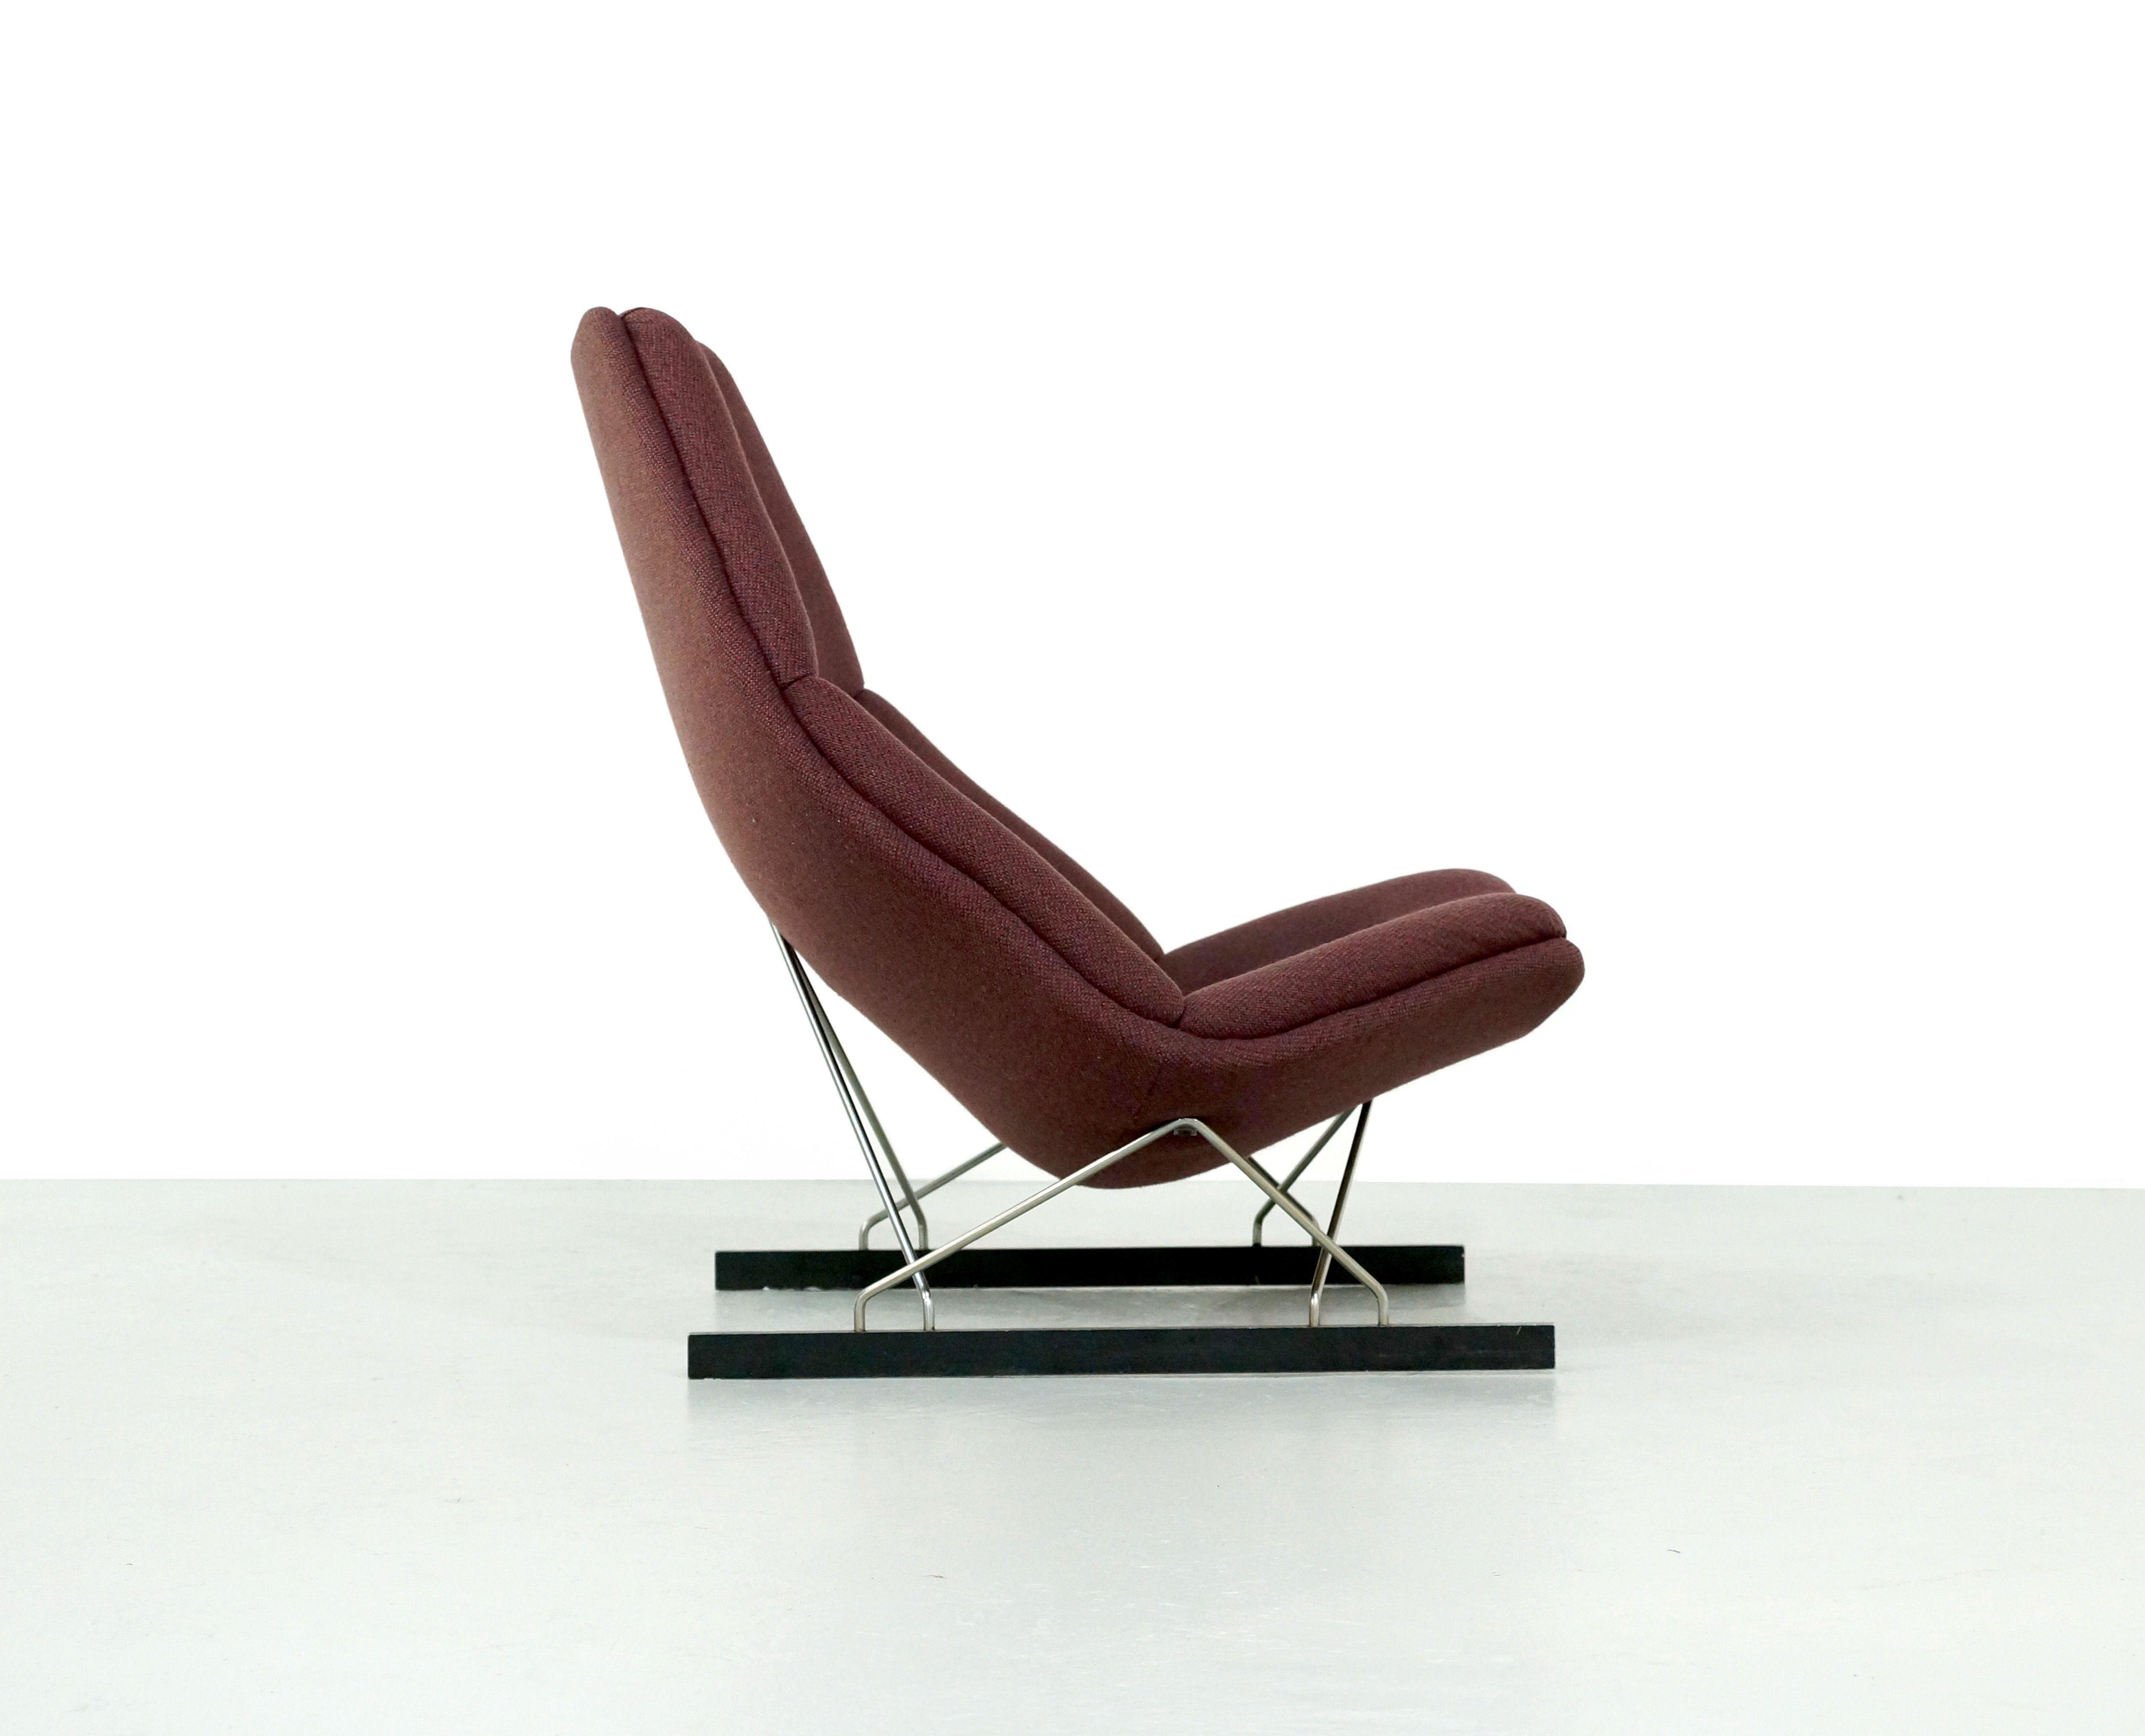 Vintage Artifort Lounge Chair F592 By Geoffrey Harcourt